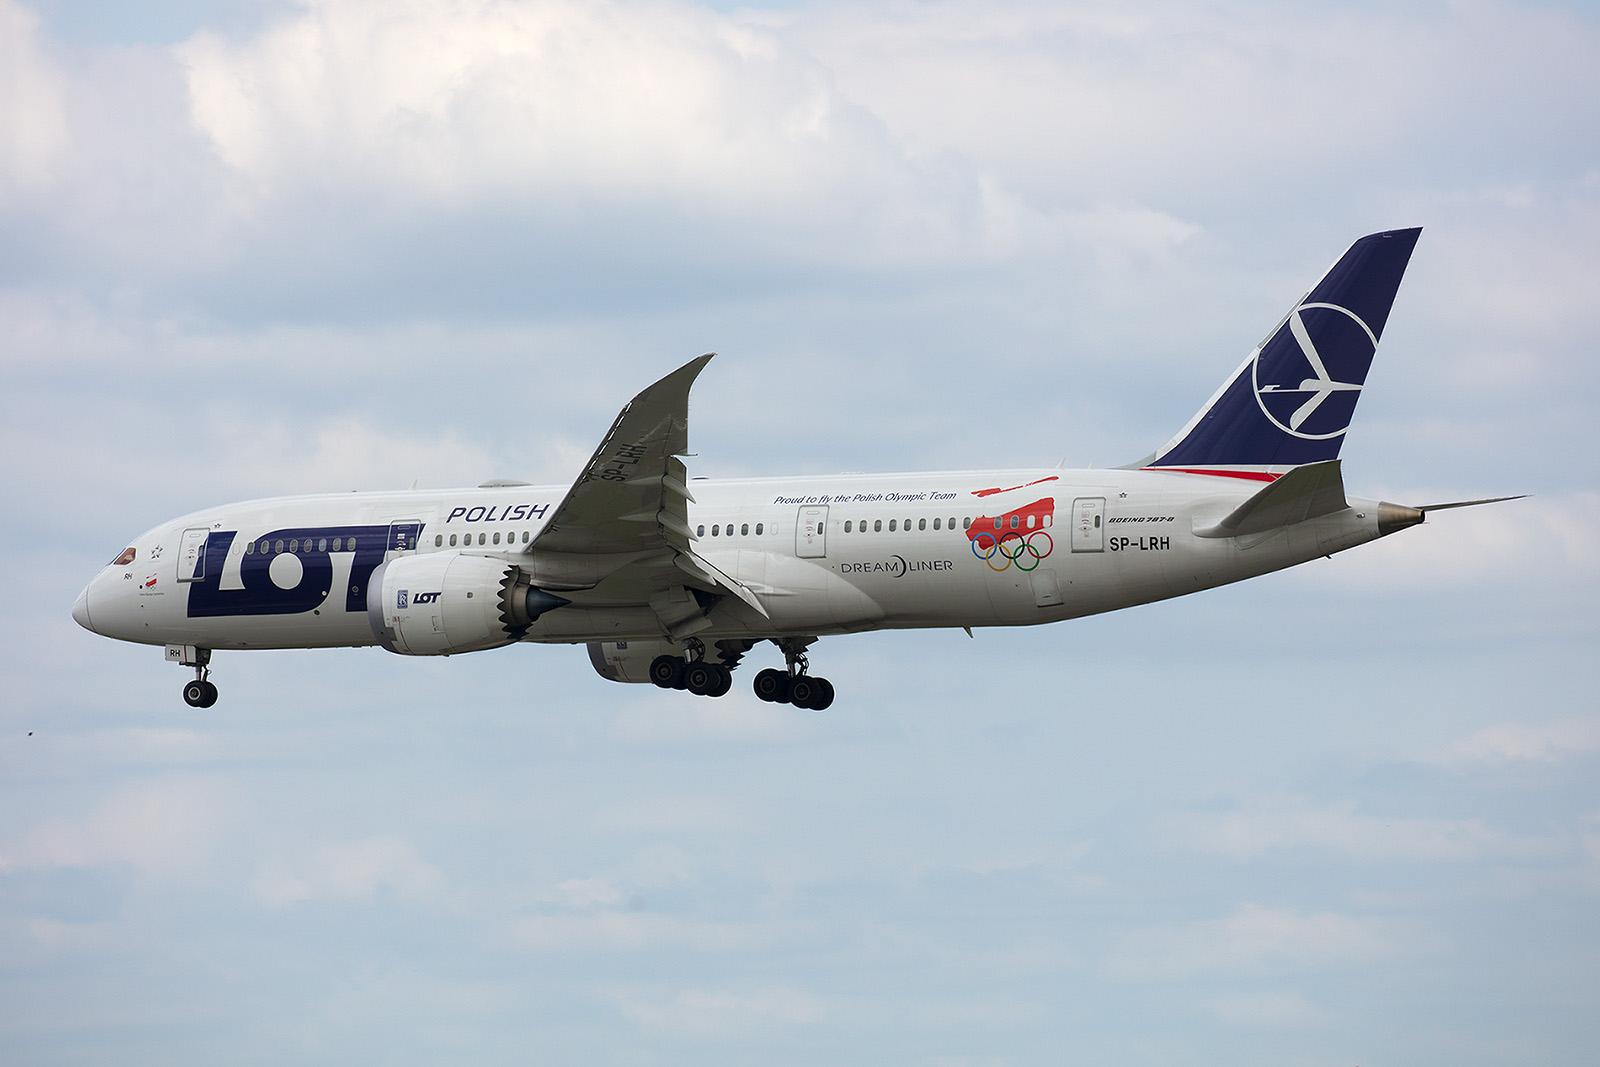 Der Dreamliner SP-LRH mit dem Sticker für die polnische Olympiamannschaft.